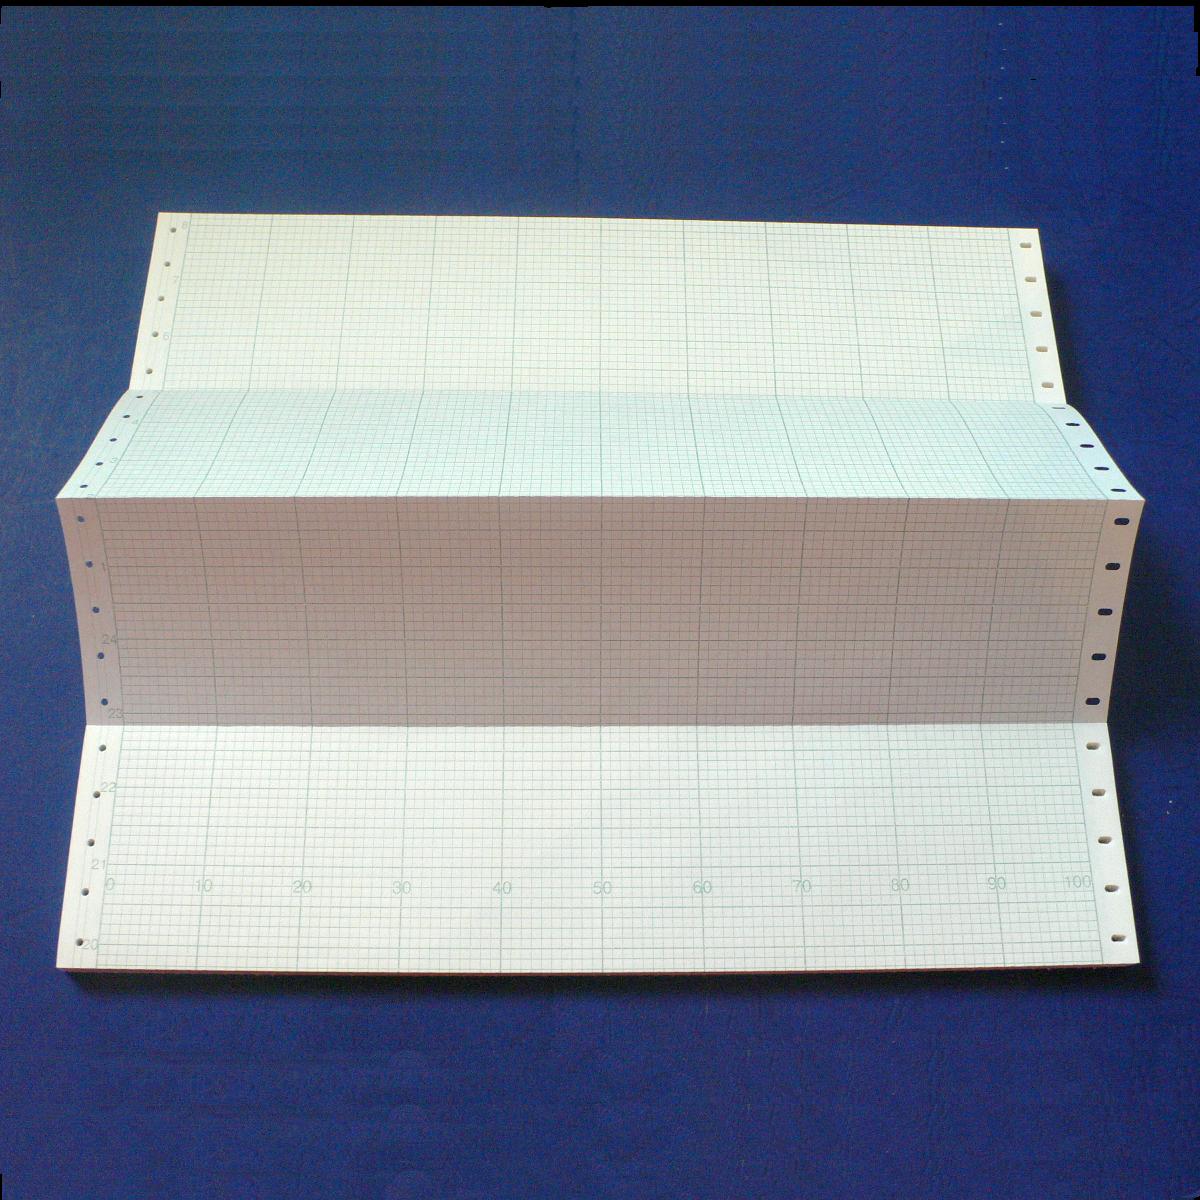 Диаграммная складывающаяся лента, реестровый № 1723 (53,528 руб/кв.м)